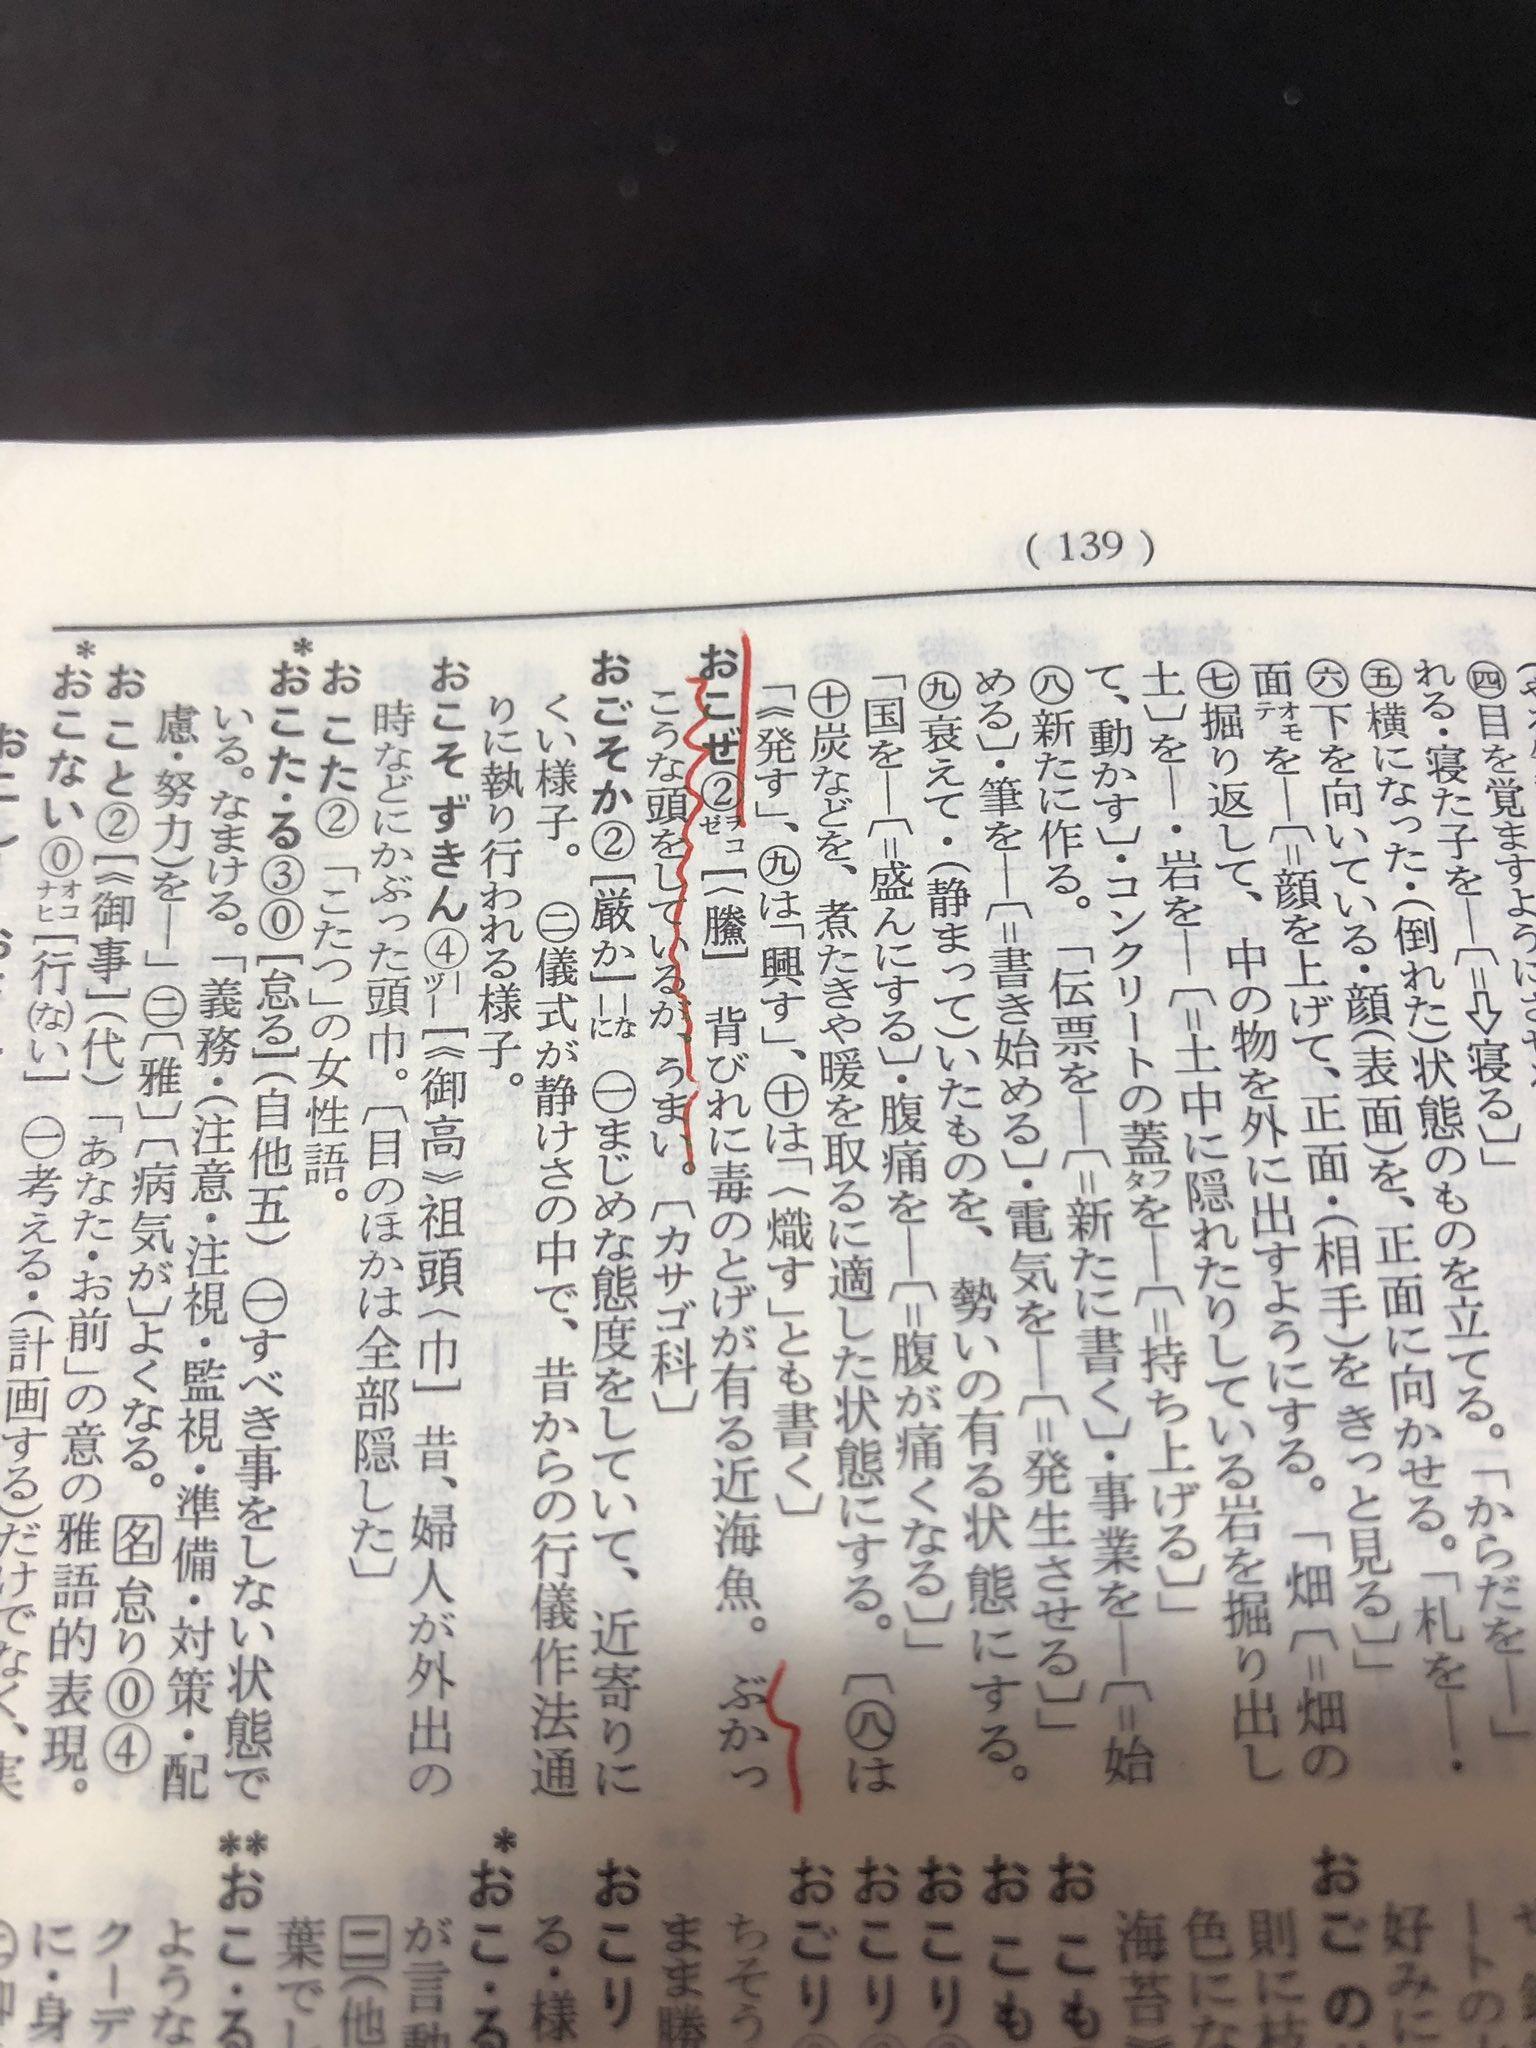 """辞典 面白い 新 明解 国語 日本で一番売れている辞書""""新解さん"""" 9年ぶり改訂で「忖度」の用例が変化していた!"""